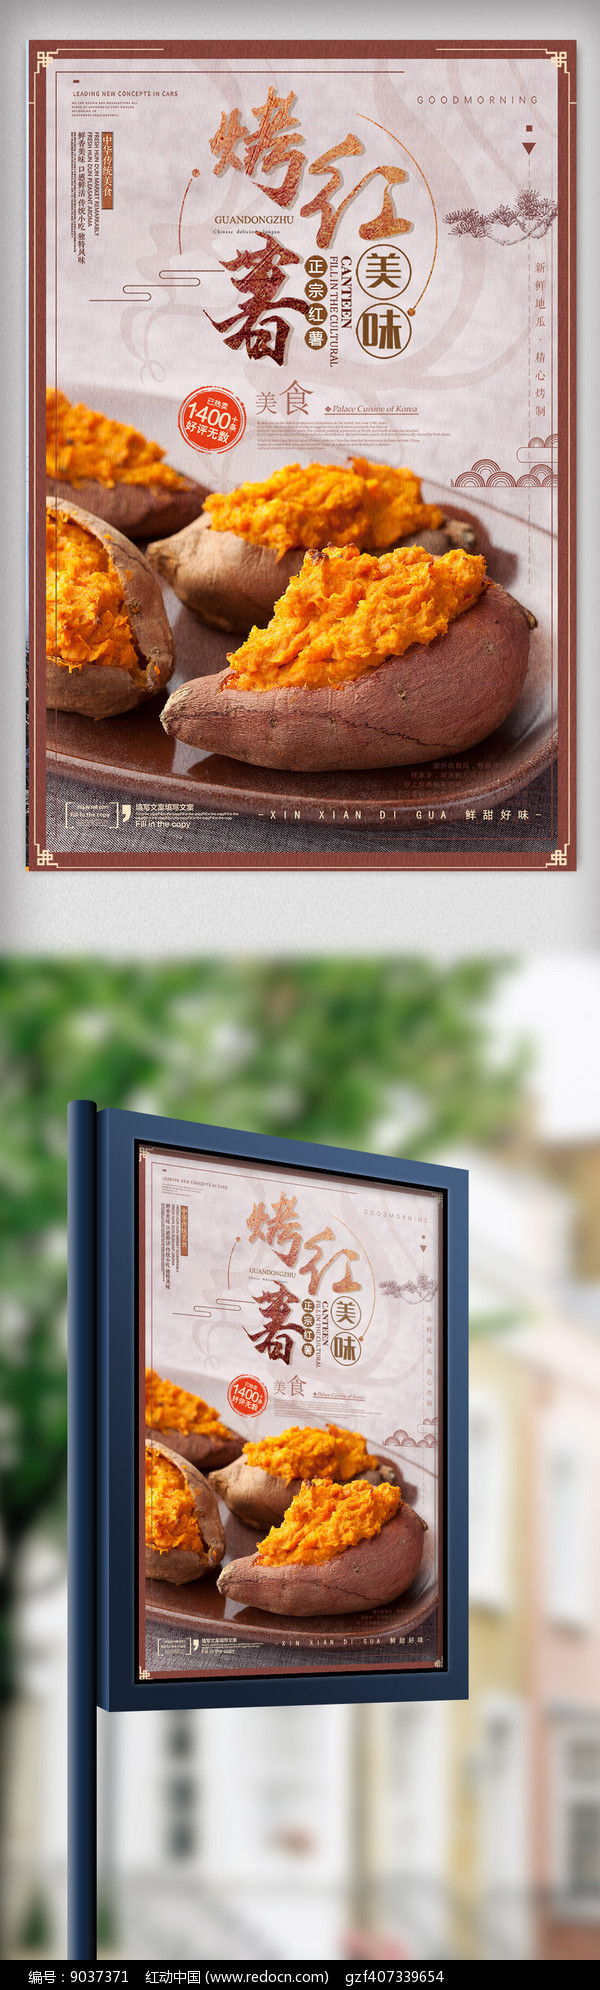 复古创意烤红薯美食海报设计图片